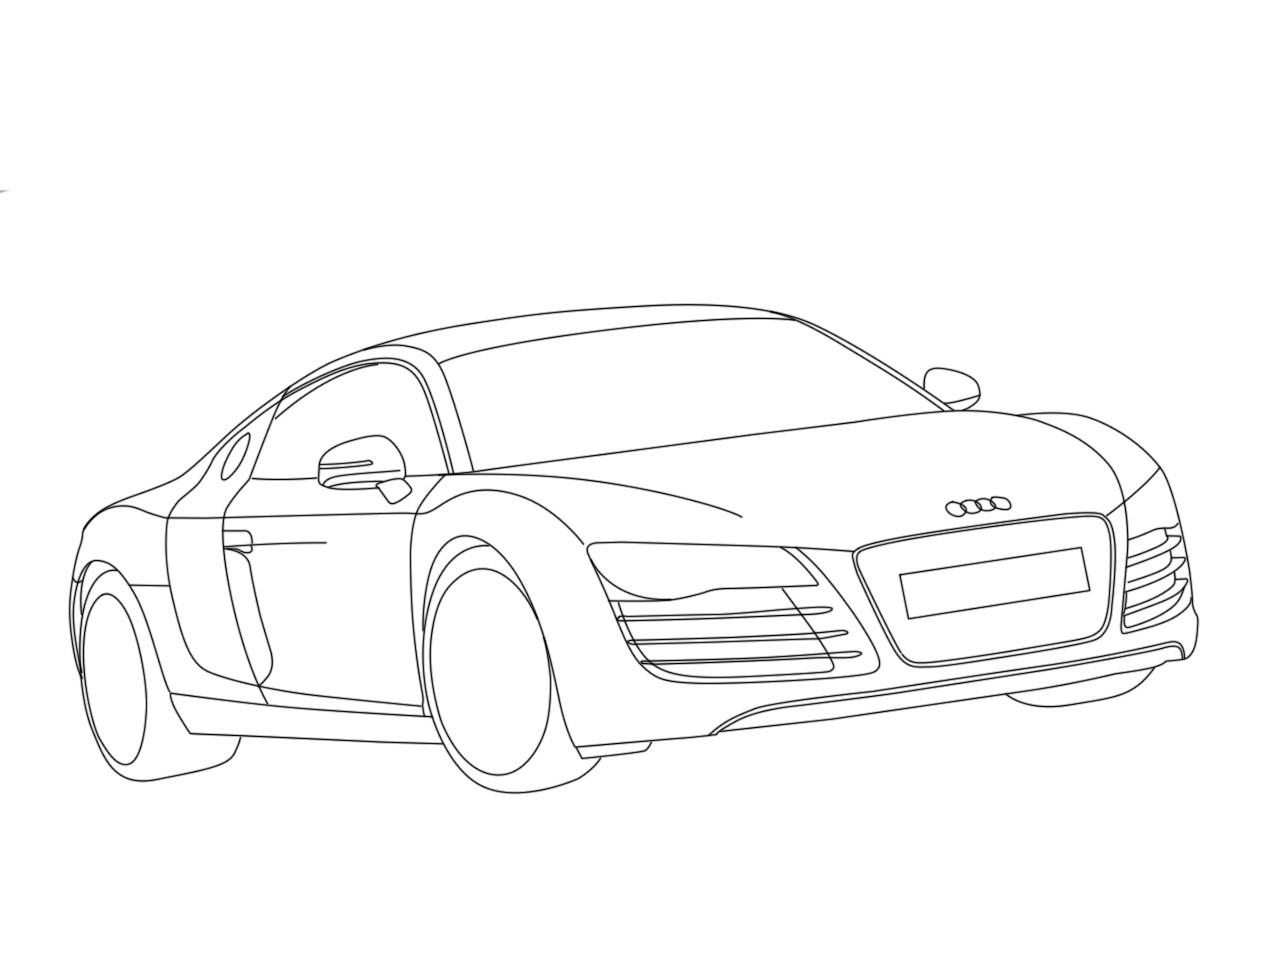 1280x960 Audi R8 Spyder By Dragonr1der On Drawing Step Design